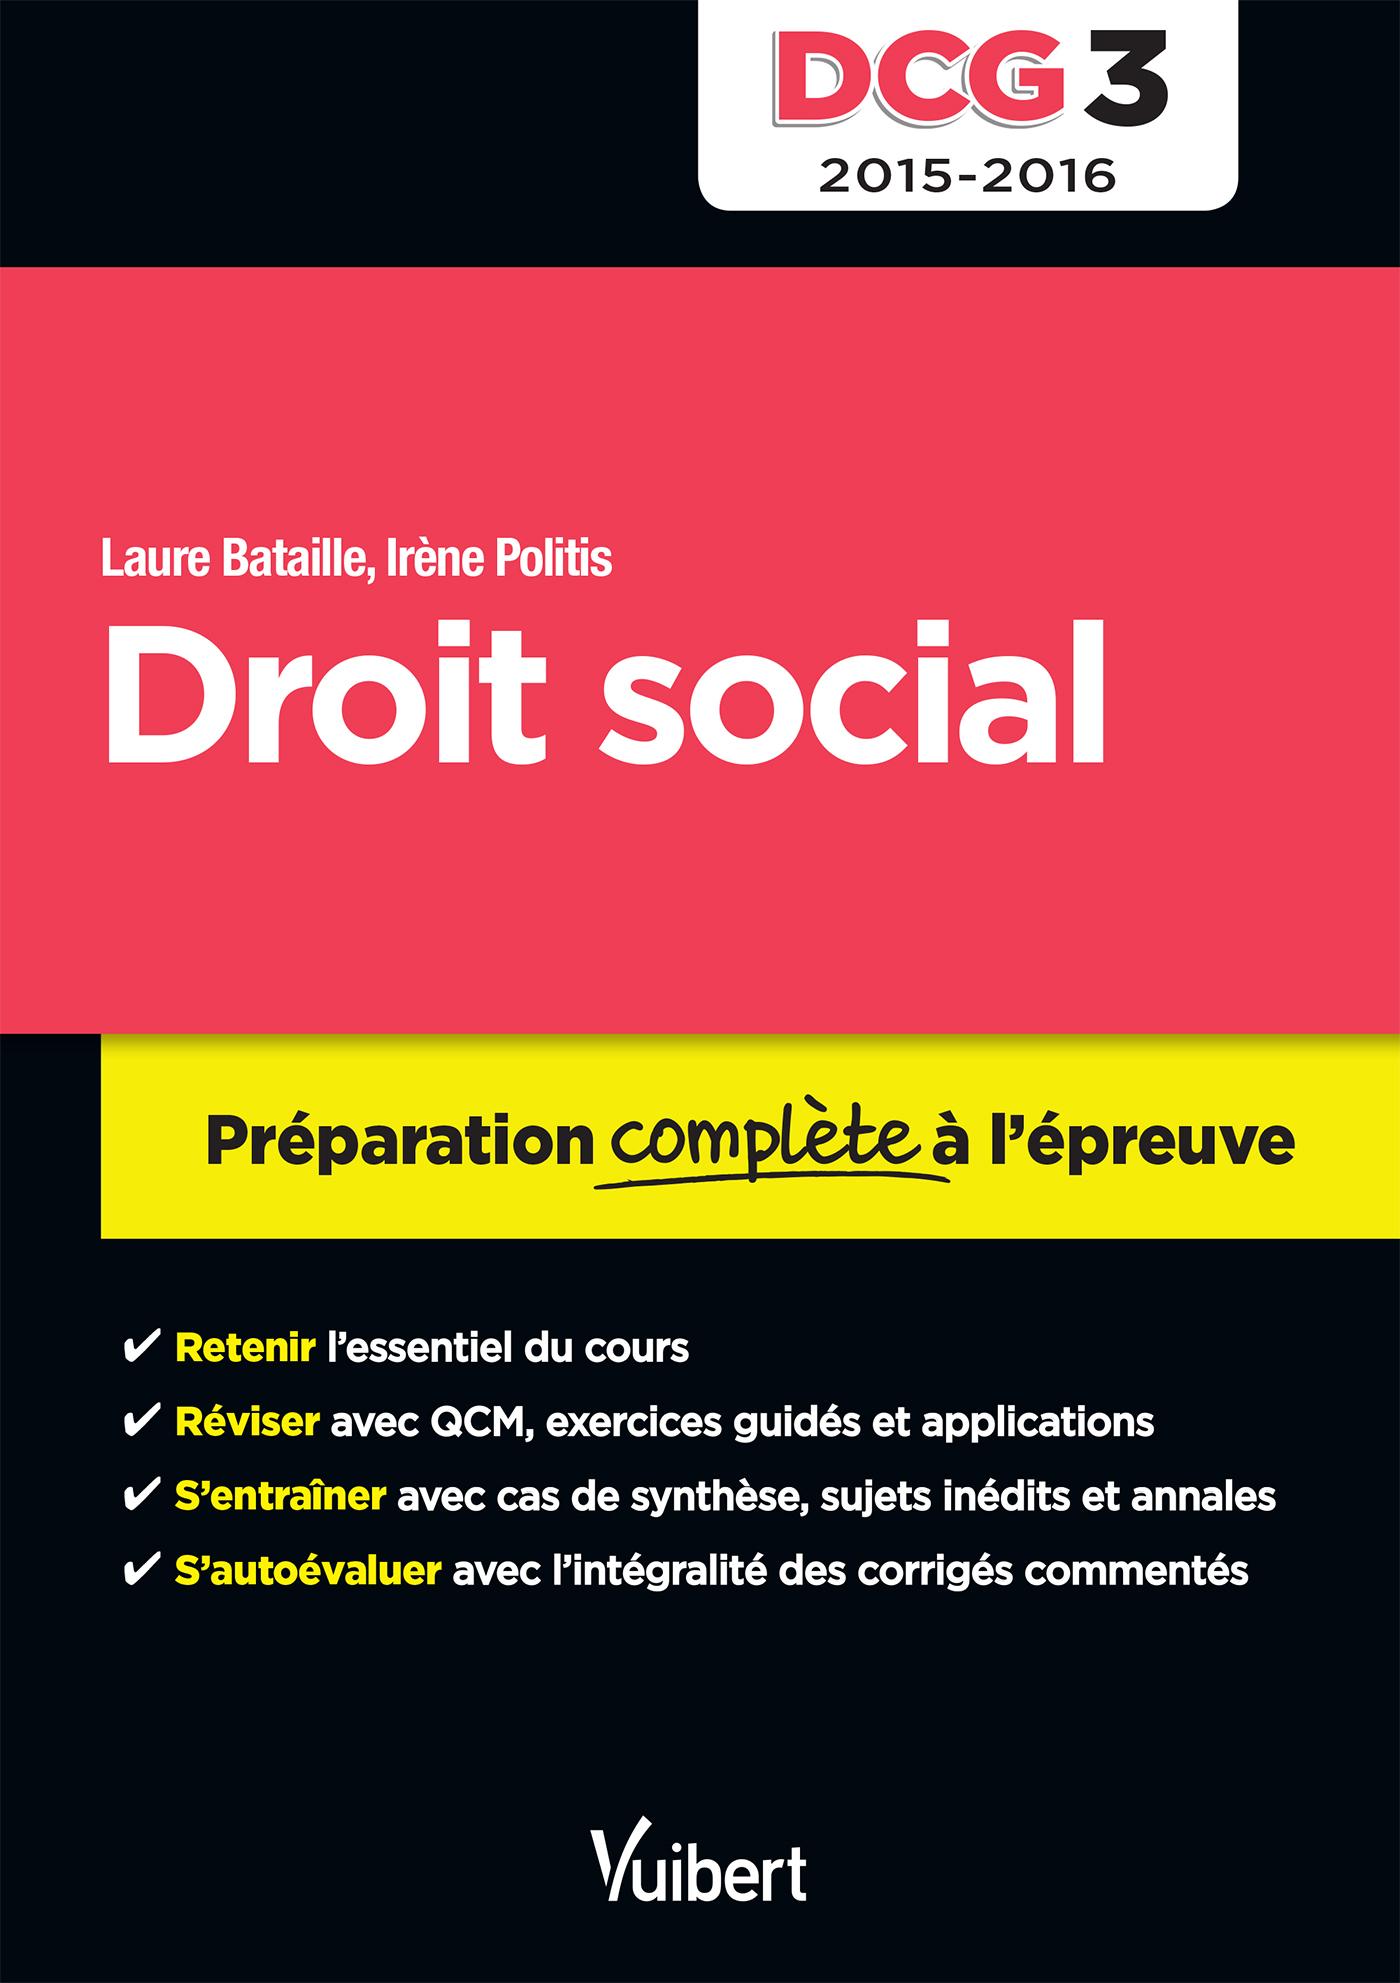 DCG 3 DROIT SOCIAL 2015 2016